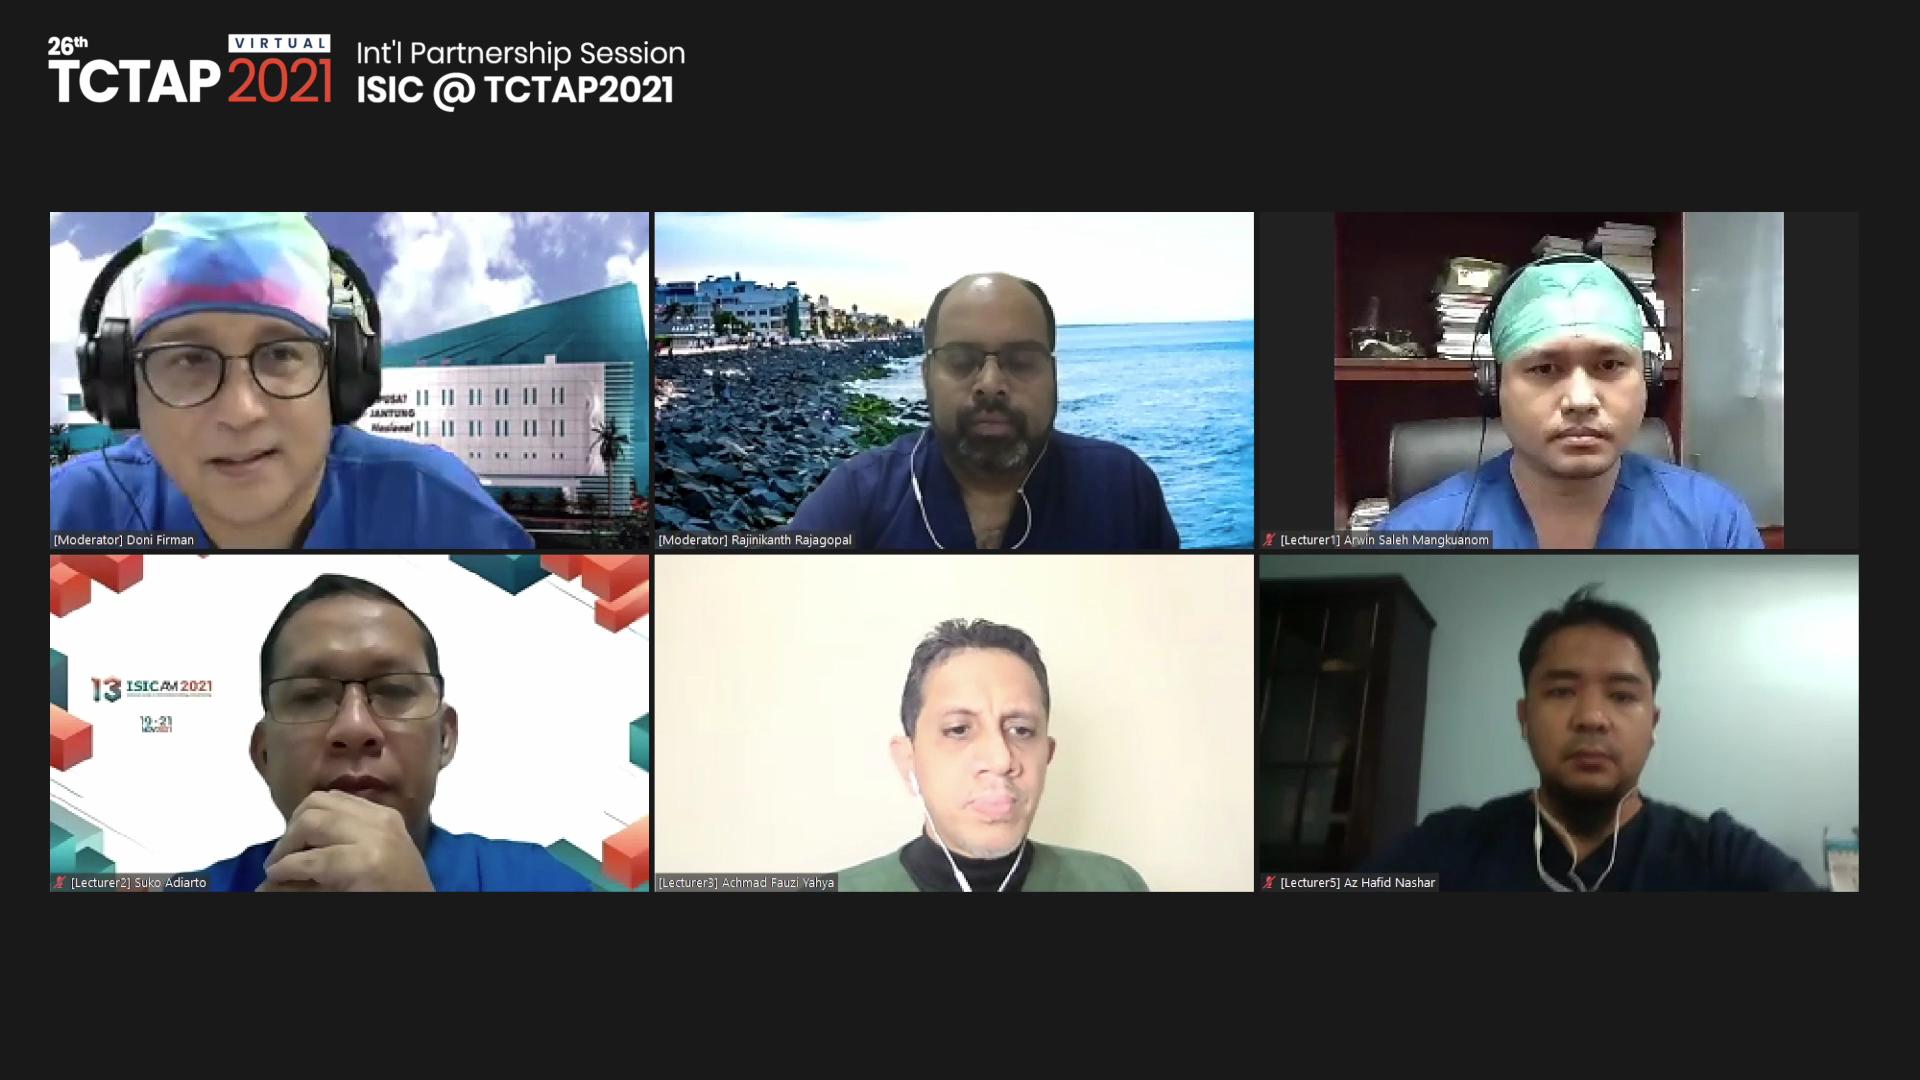 [TCTAP 2021 Virtual] Int'l Partnership Session - ISIC @ TCTAP2021